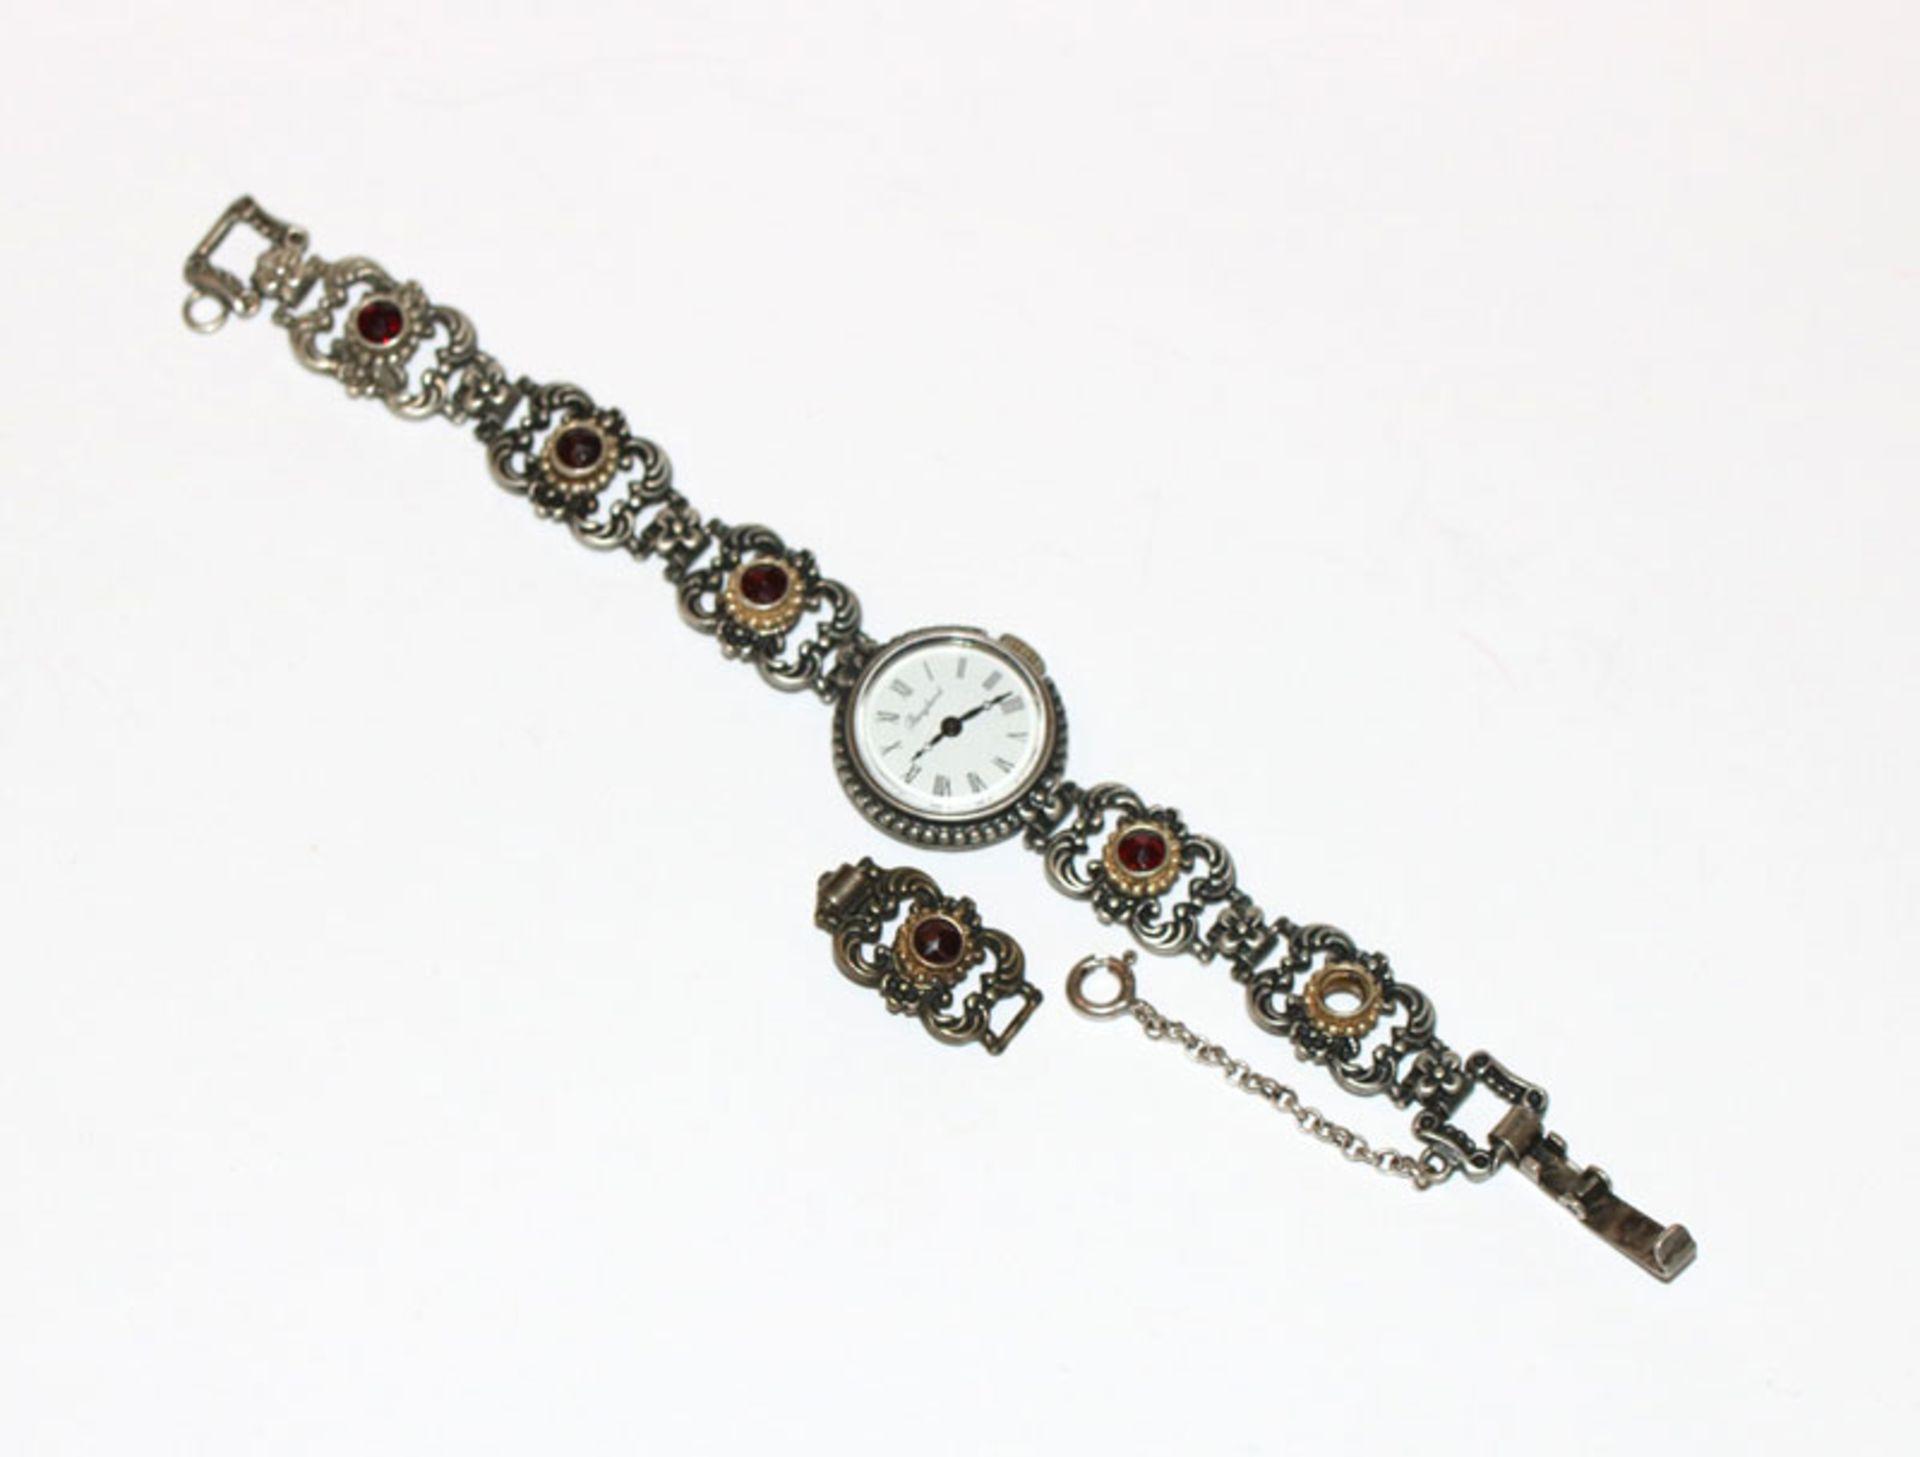 Silber Trachten-Armbanduhr, teils vergoldet mit Granaten, ein Stein fehlt, zusätzliches Glied anbei,